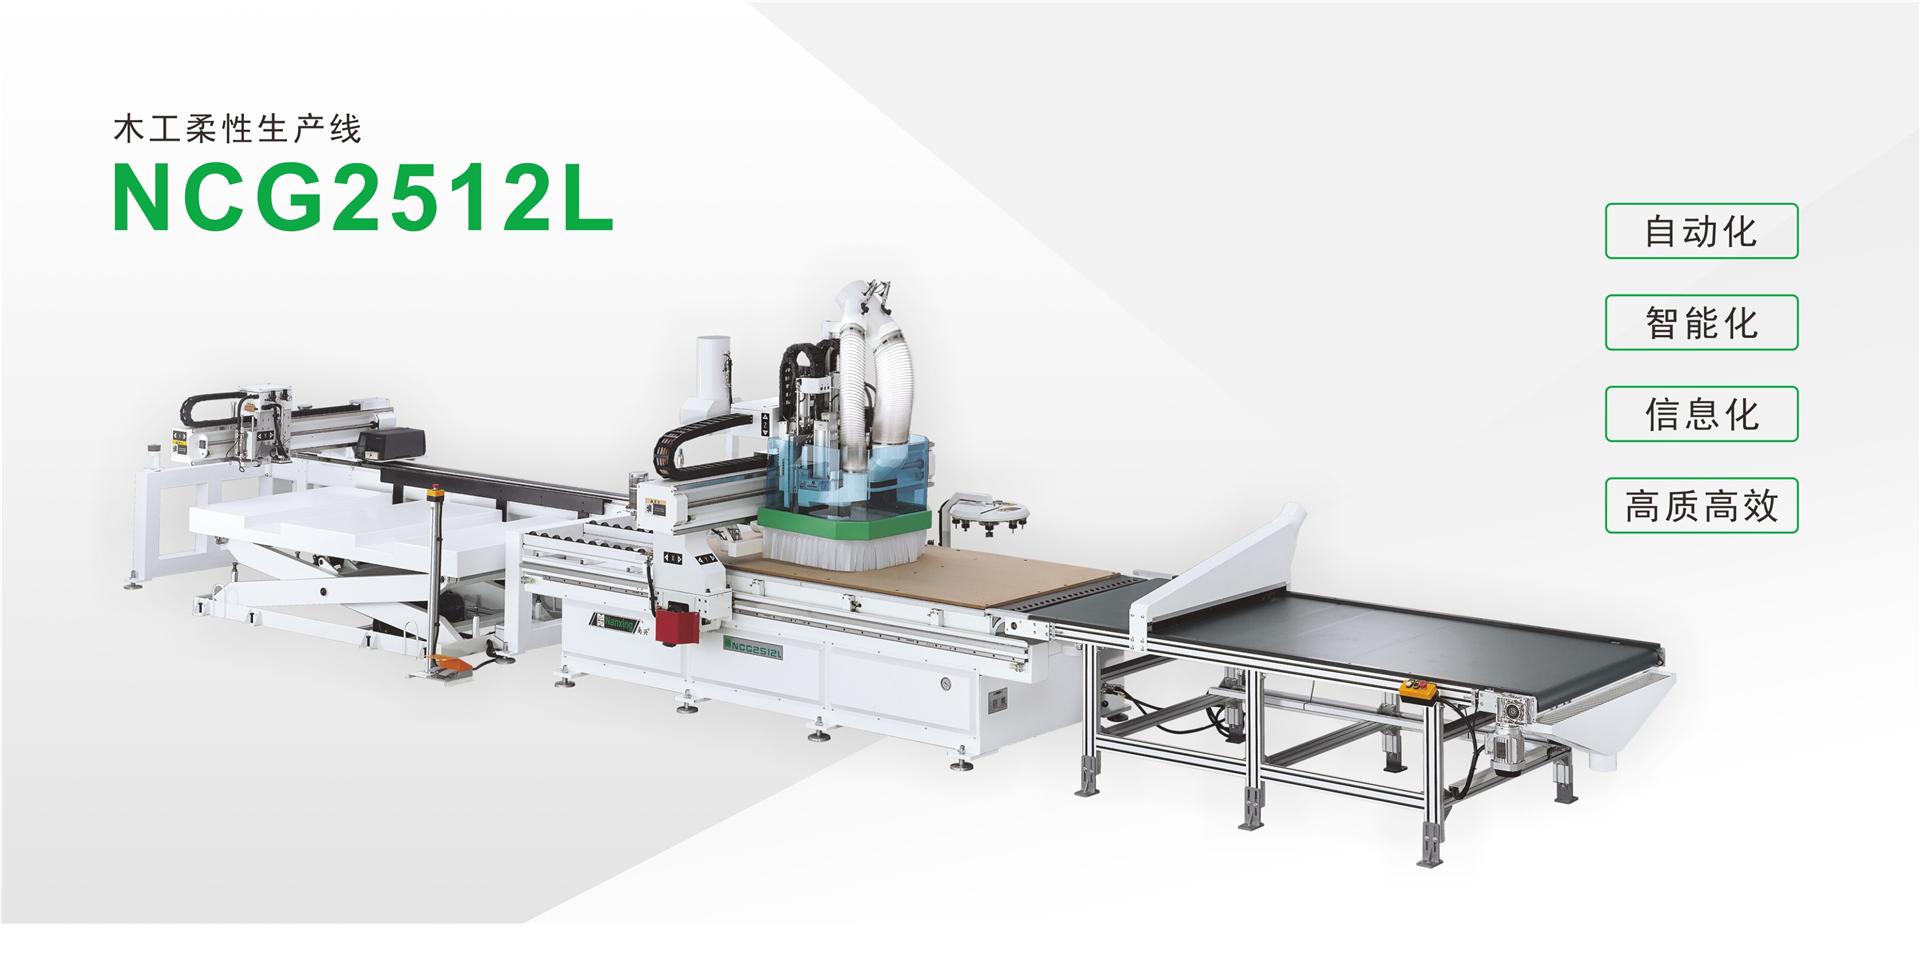 1.木工柔性生產線NCG2512L.jpg